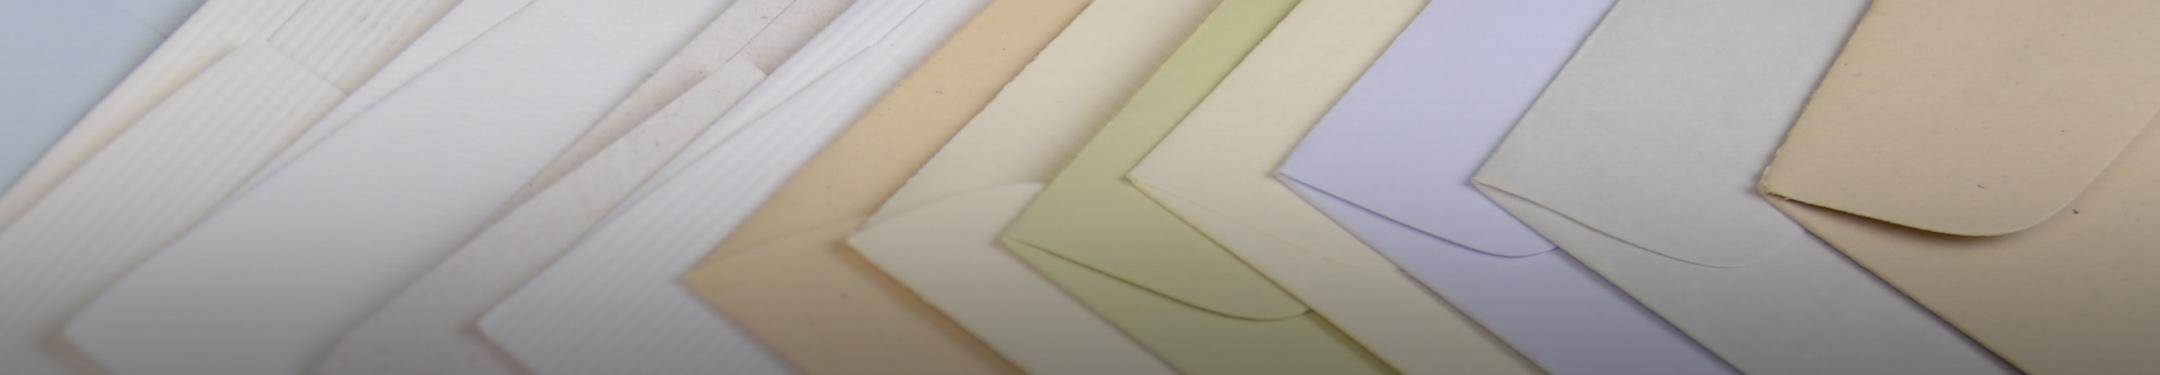 FSC Certified Envelopes